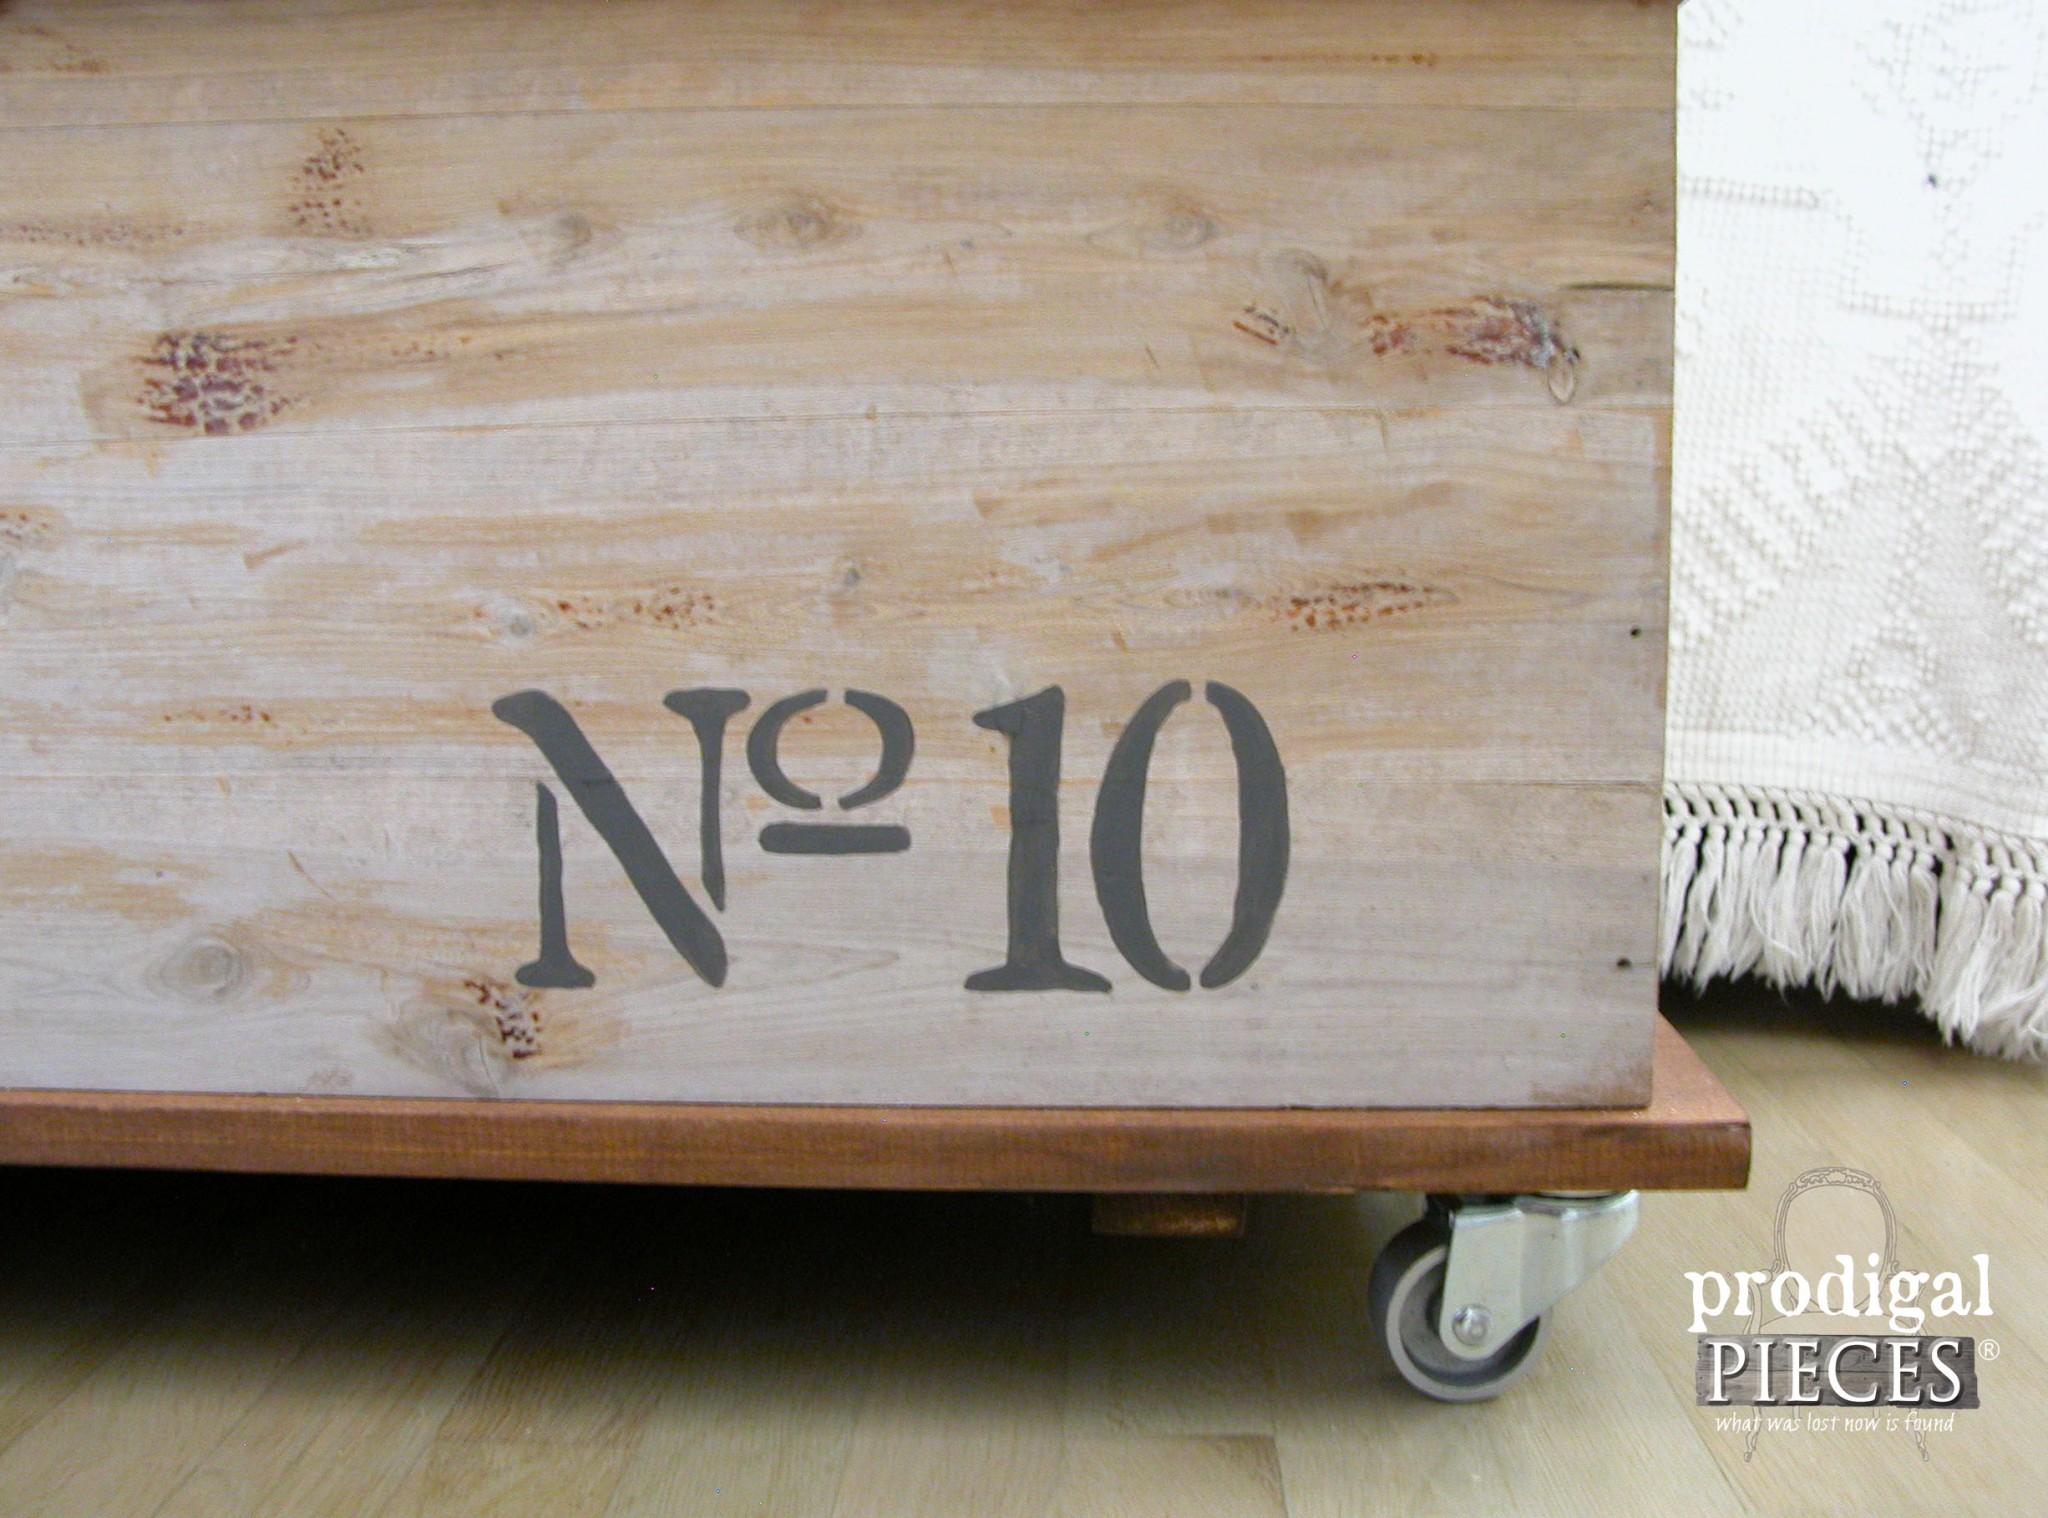 Stenciled Cedar Chest by Prodigal Pieces | www.prodigalpieces.com